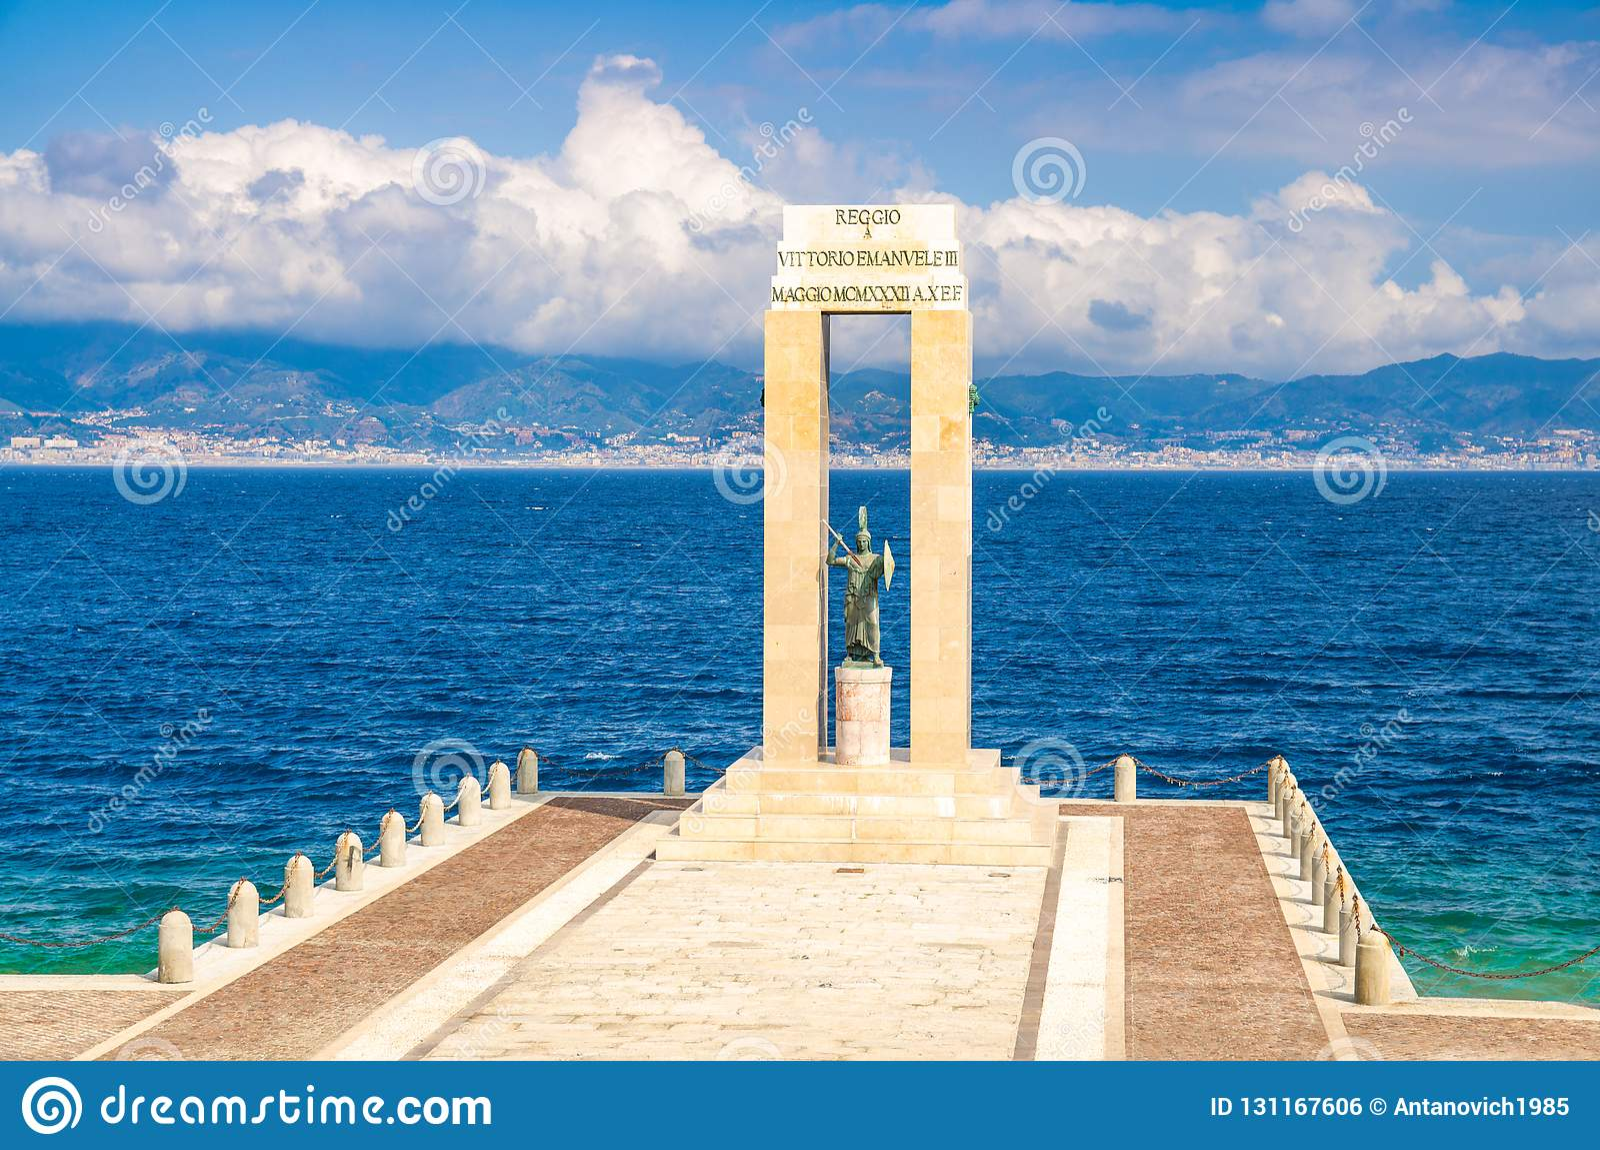 雅典娜女神雕象,雷焦卡拉布里亚,意大利南部